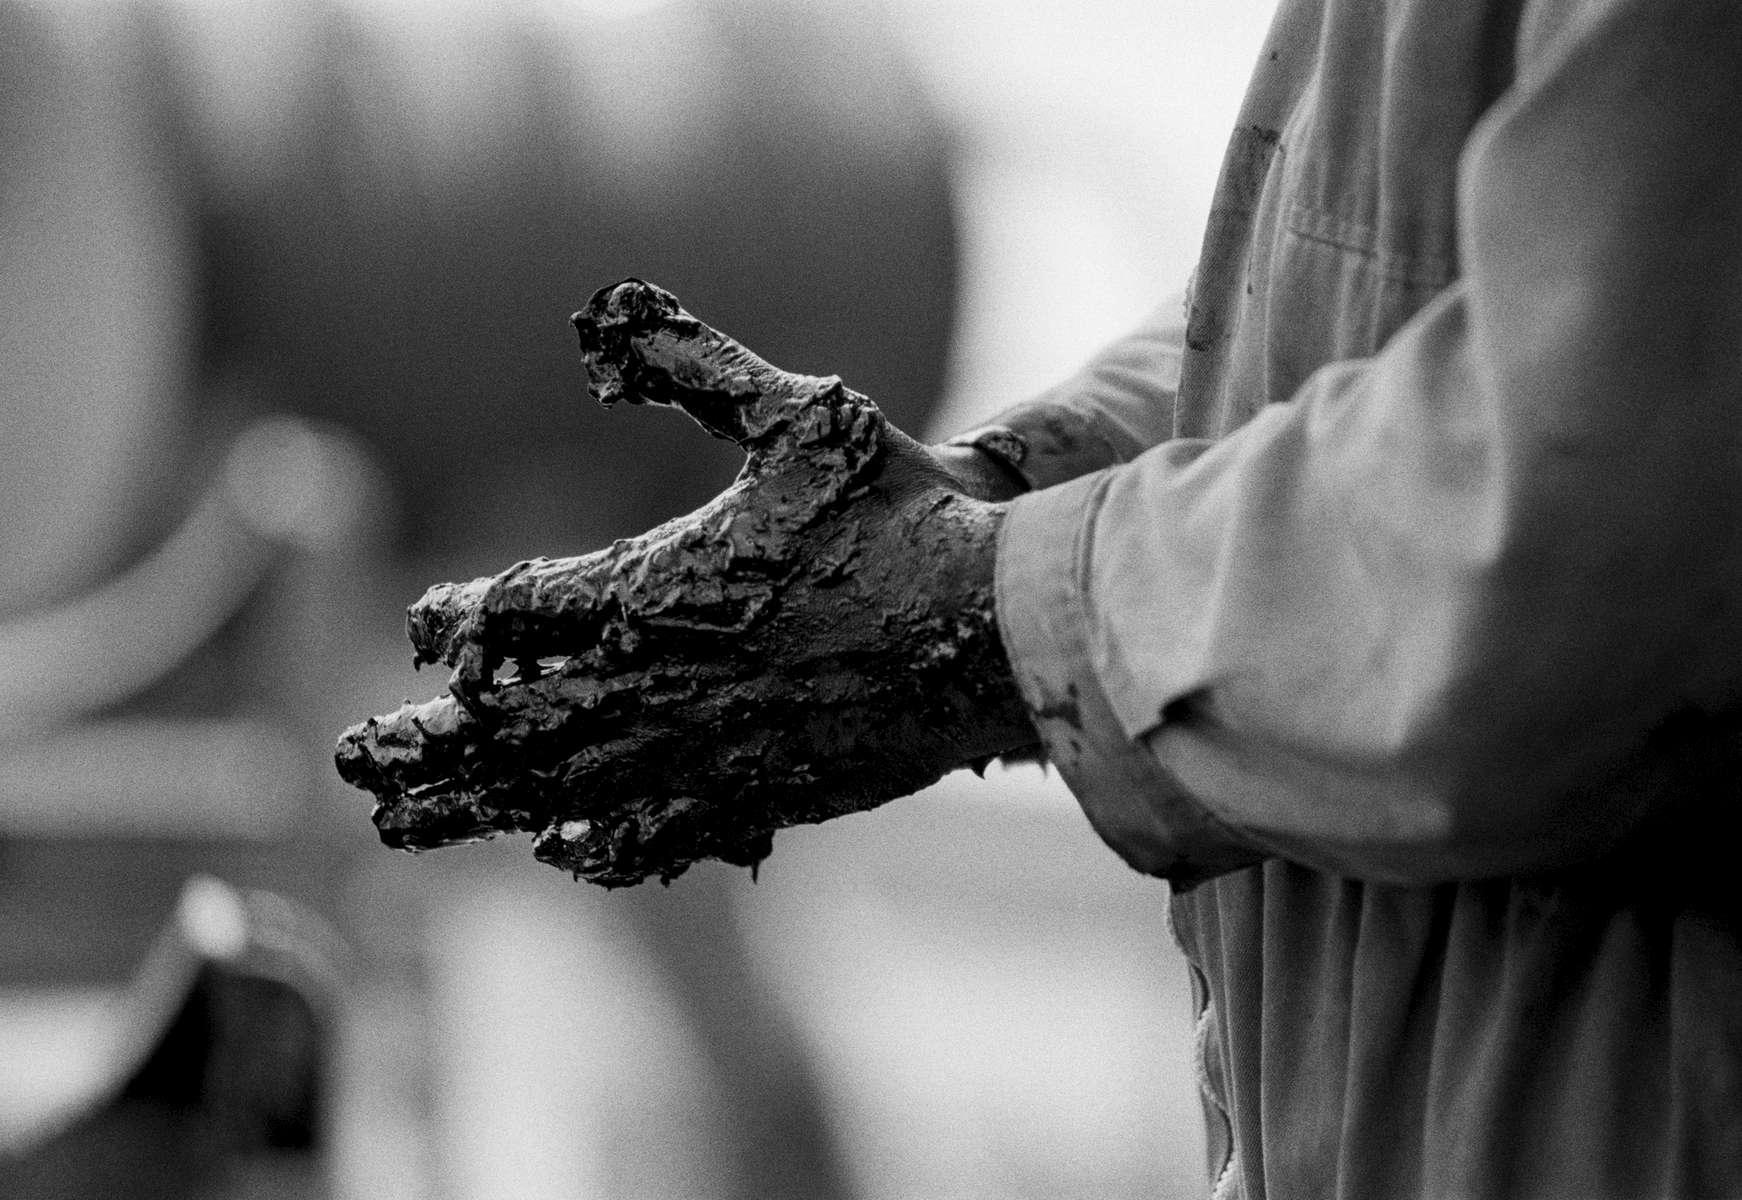 Worker's hands on Torpille, ELF petrol platform, off Gabon's equatorial coastline 2002